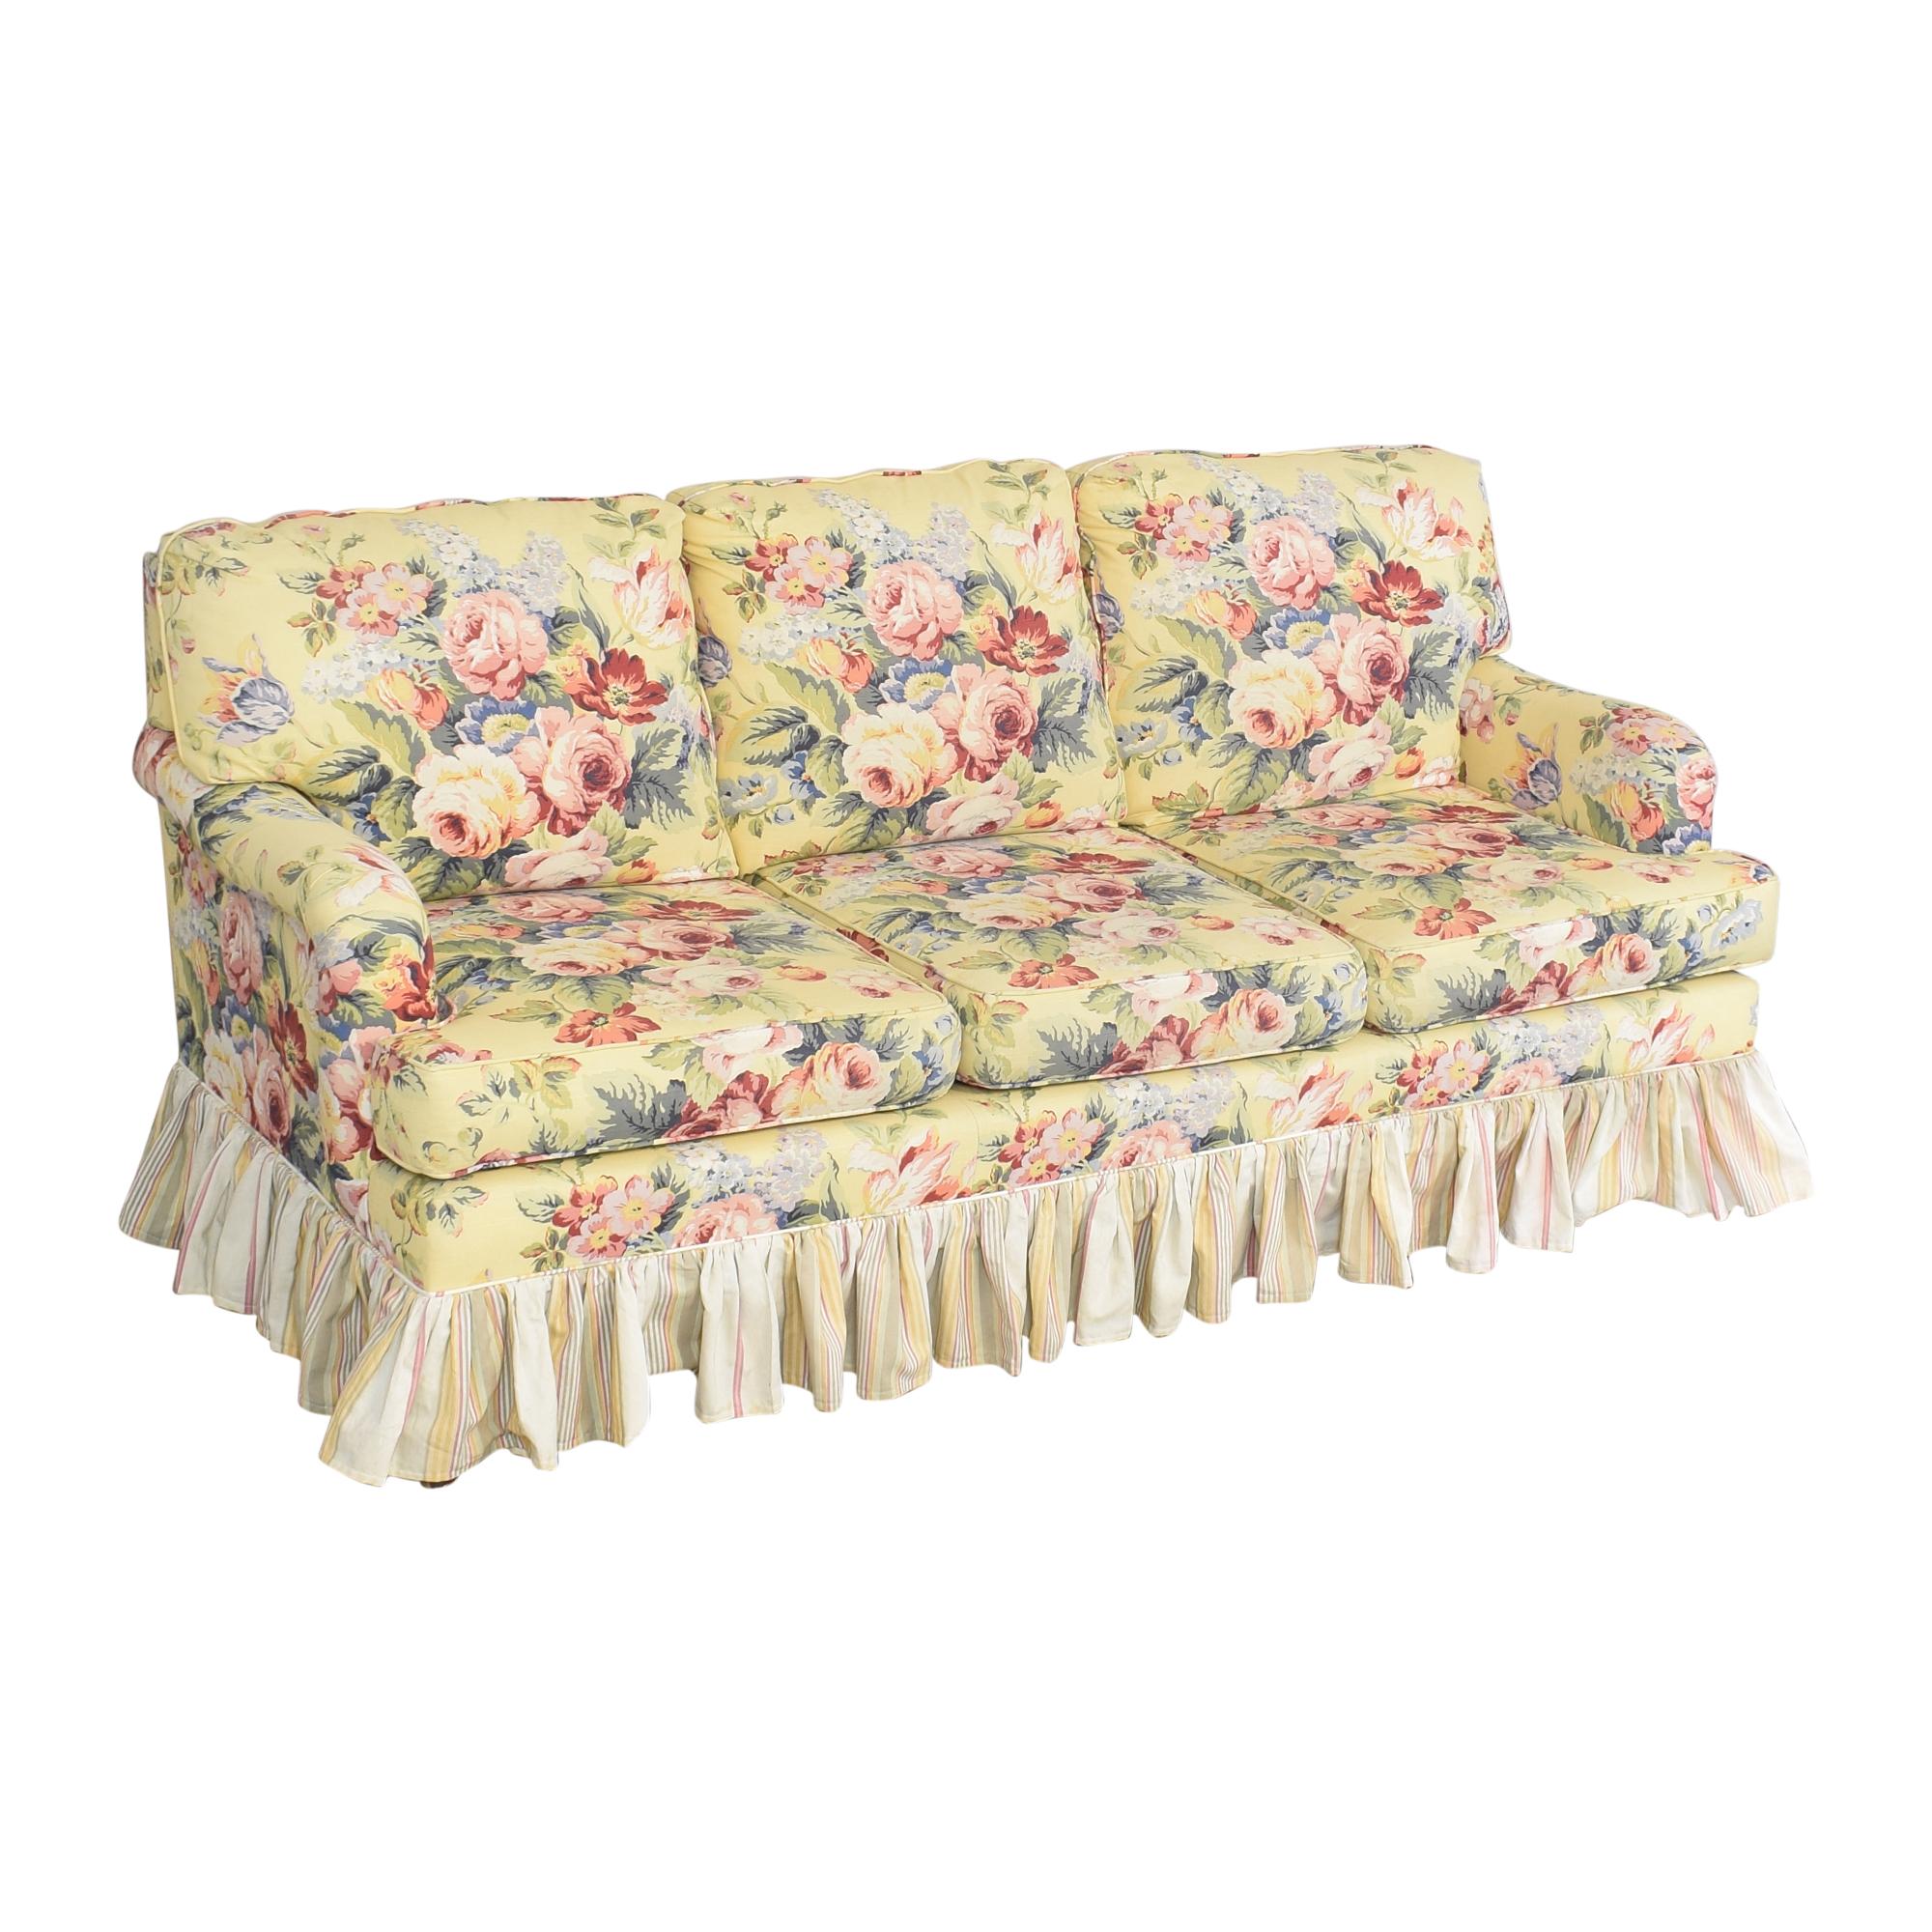 buy Sleepworks Custom Floral Sofa Sleepworks Classic Sofas